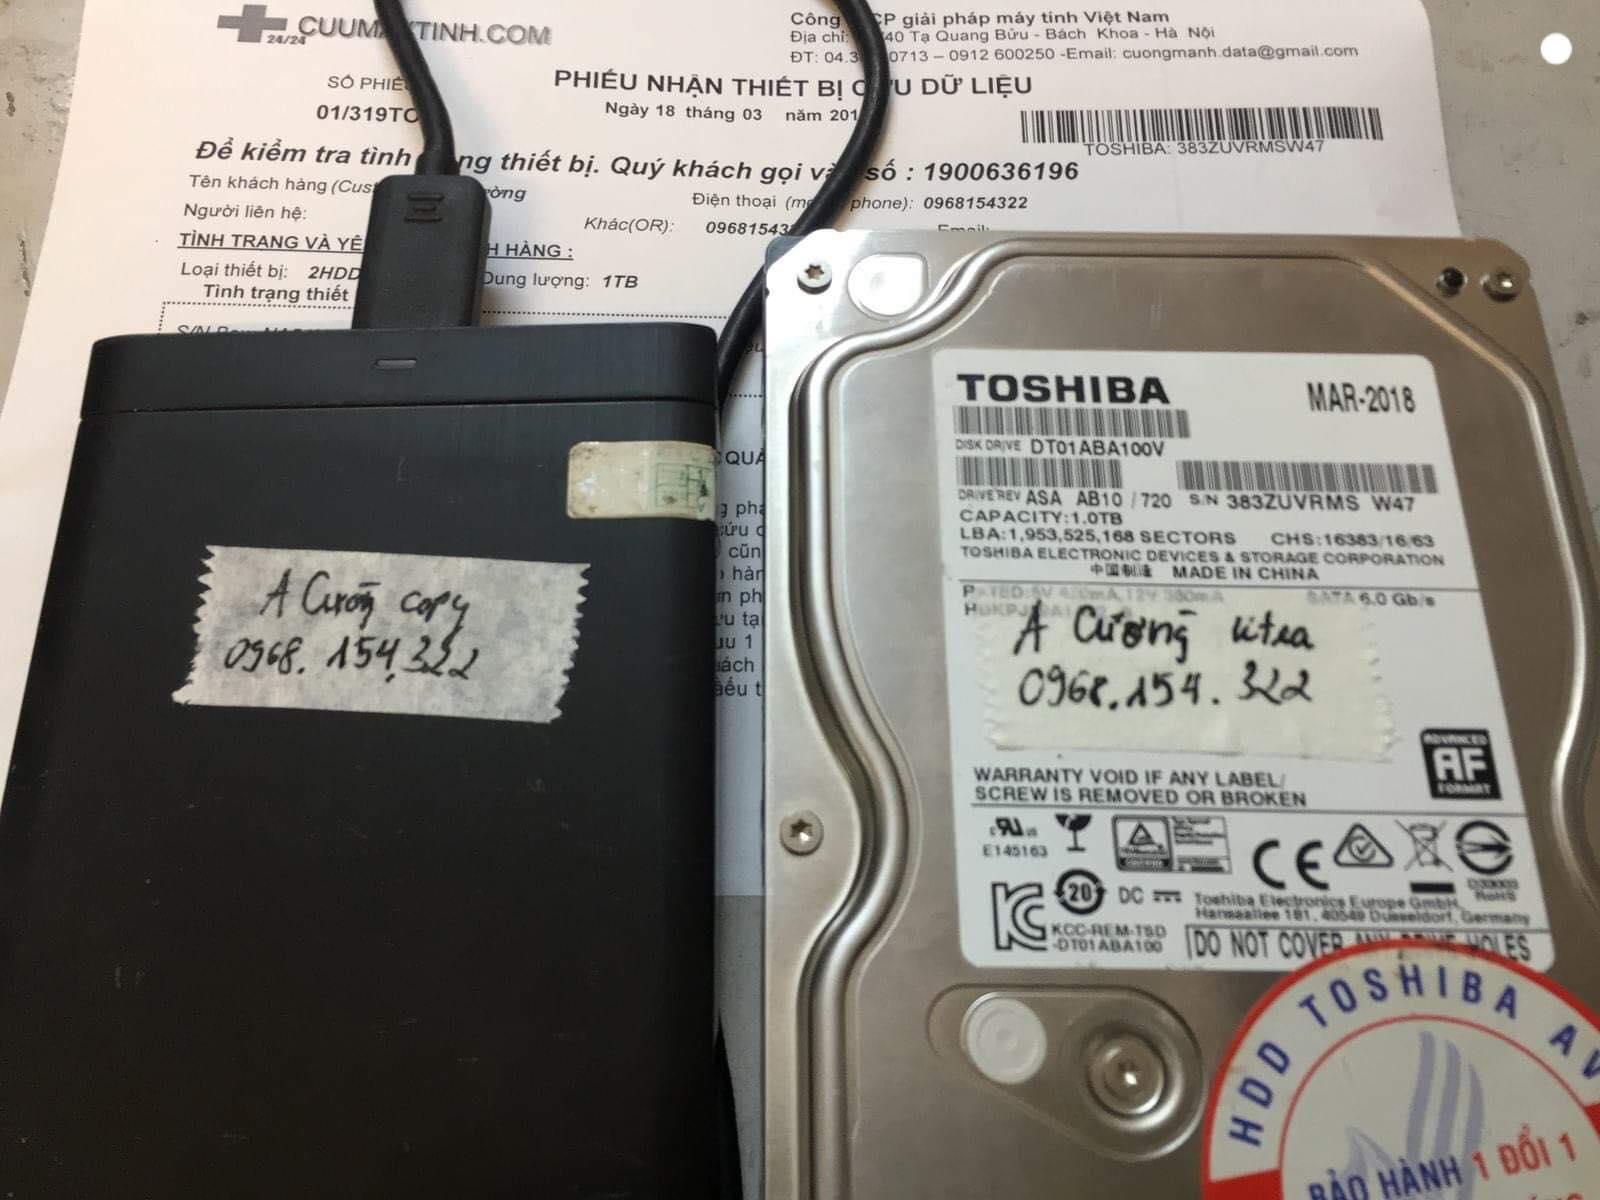 Phục hồi dữ liệu ổ cứng Toshiba 1TB format nhầm 18/03/2019 - cuumaytinh